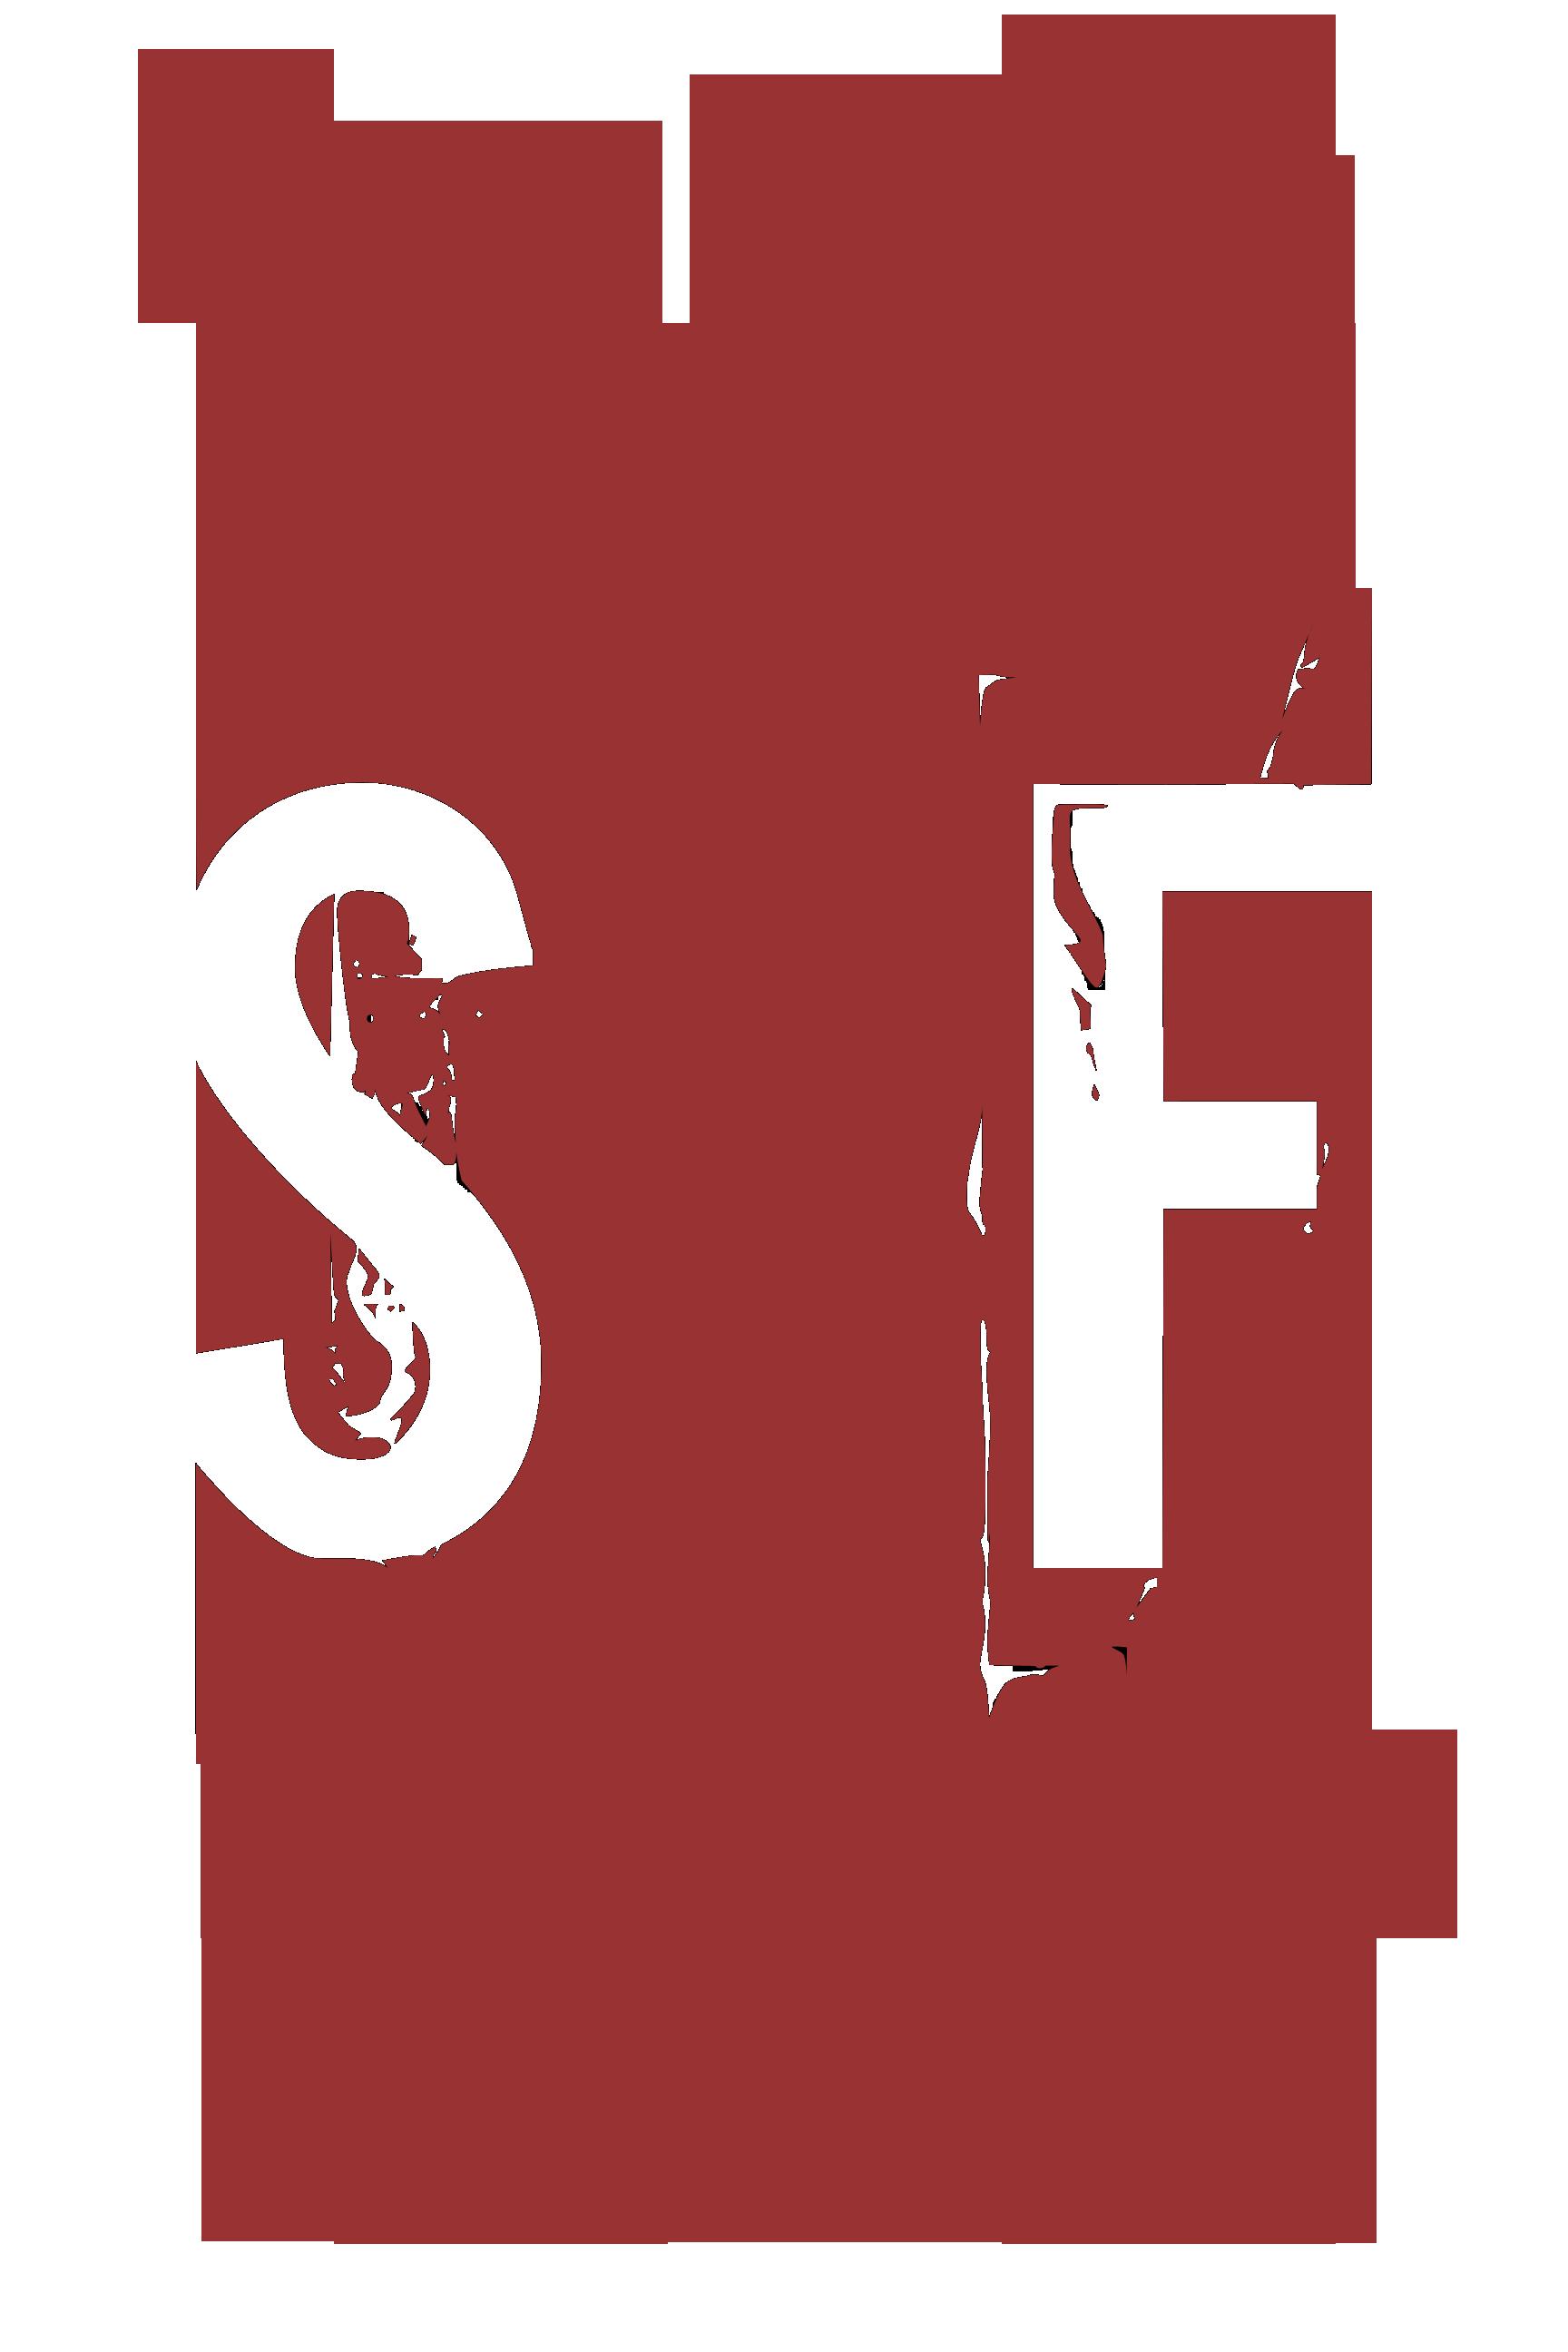 Studio Fetter Architecture